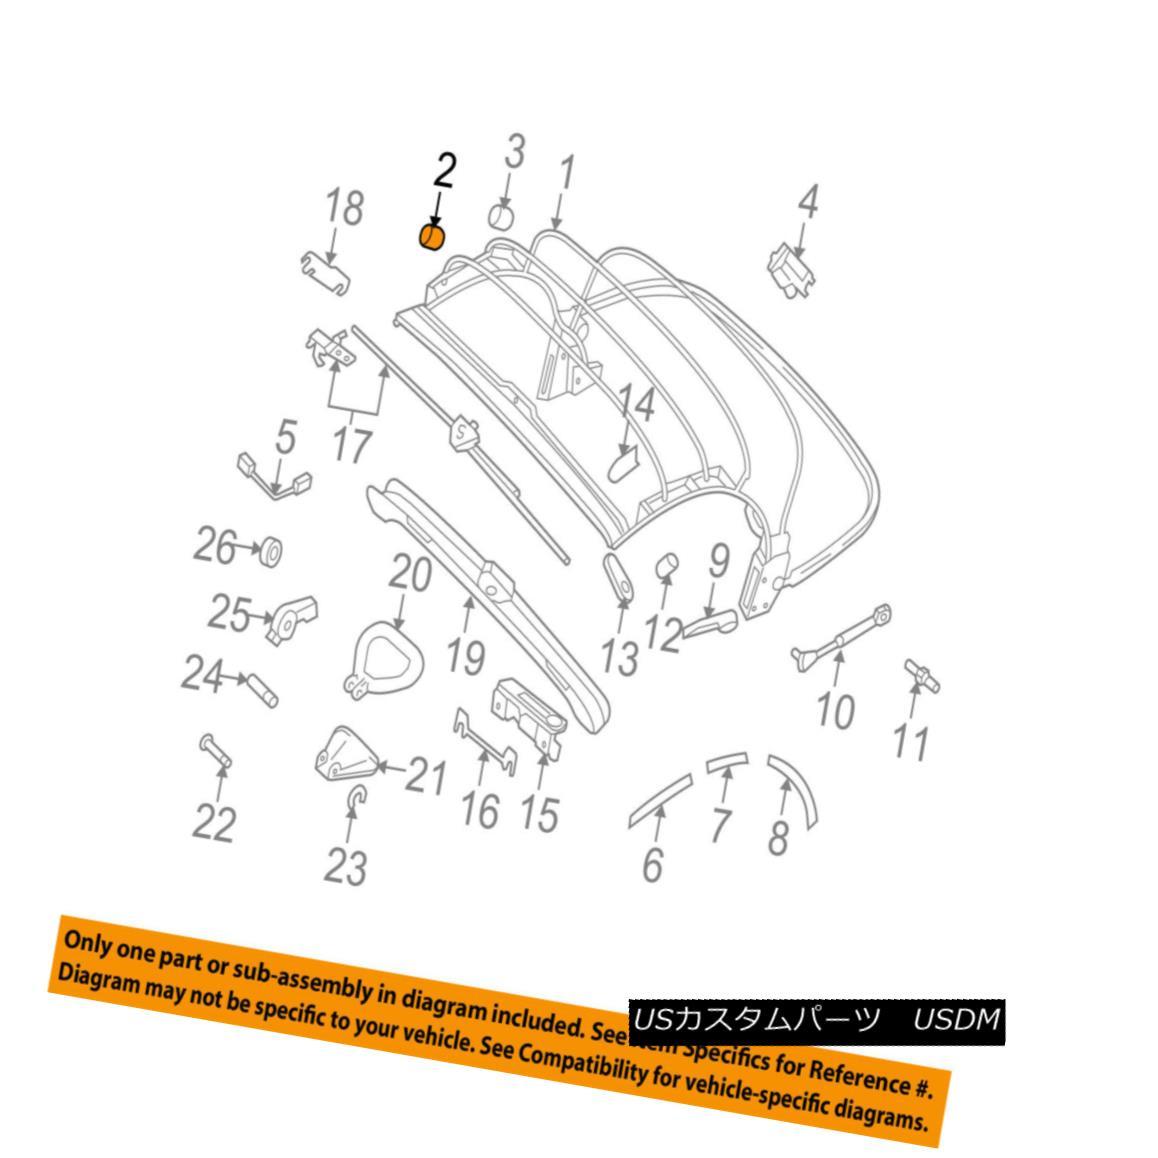 幌・ソフトトップ VW VOLKSWAGEN OEM 03-10 Beetle Convertible/soft Top-Stop Right 1Y0871136 VWフォルクスワーゲンOEM 03-10ビートルコンバチブル/ so ftトップストップライト1Y0871136